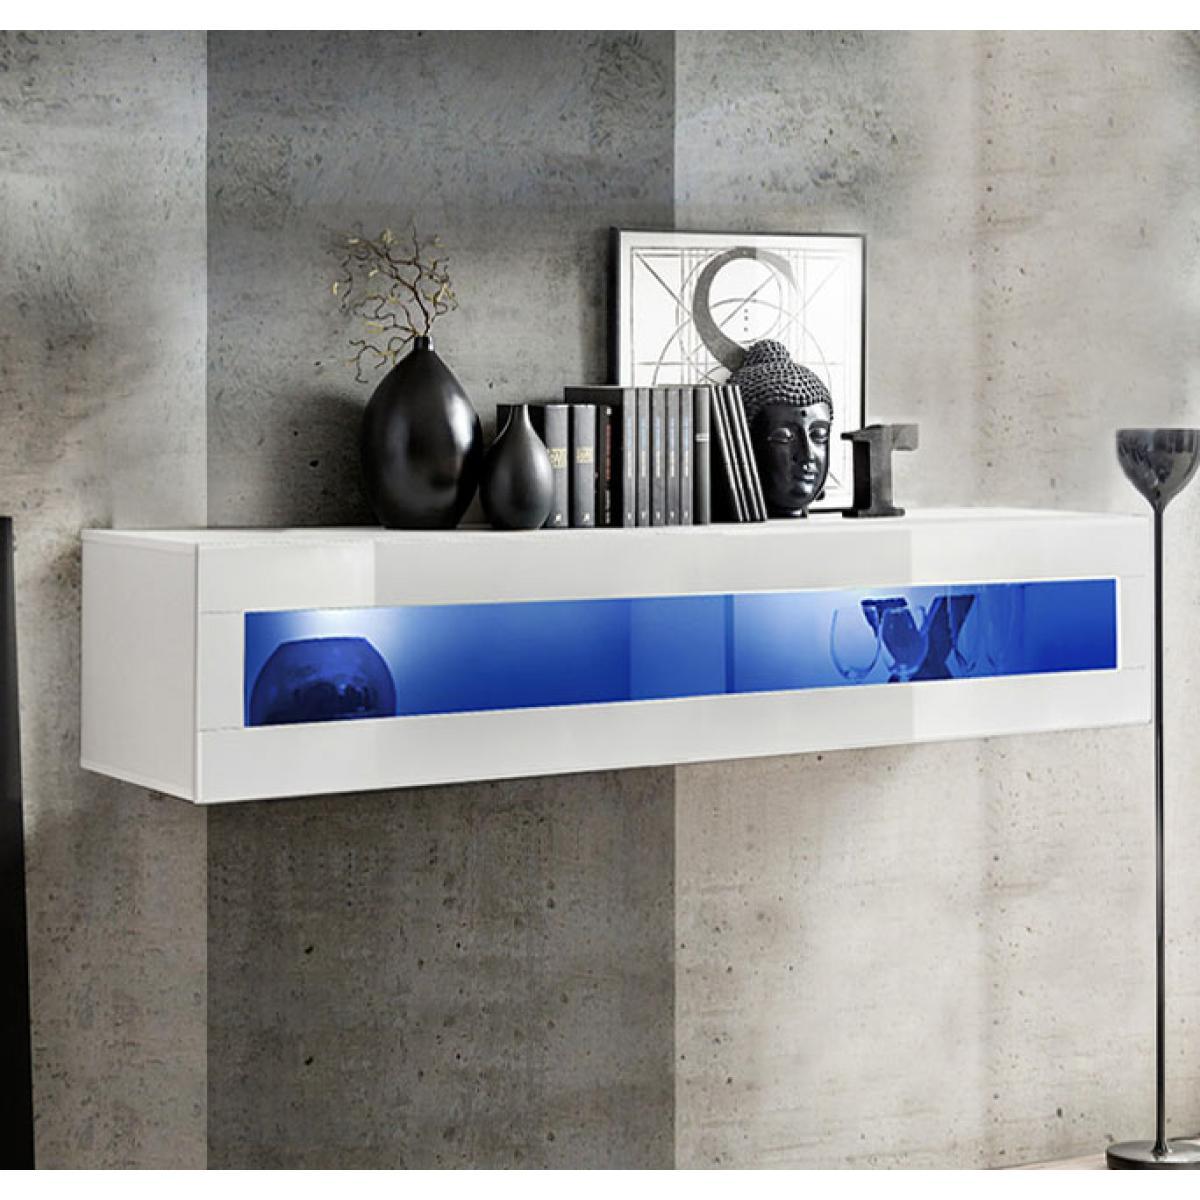 Design Ameublement Armoire murale modèle Krista H160CR (160x30cm) blanc